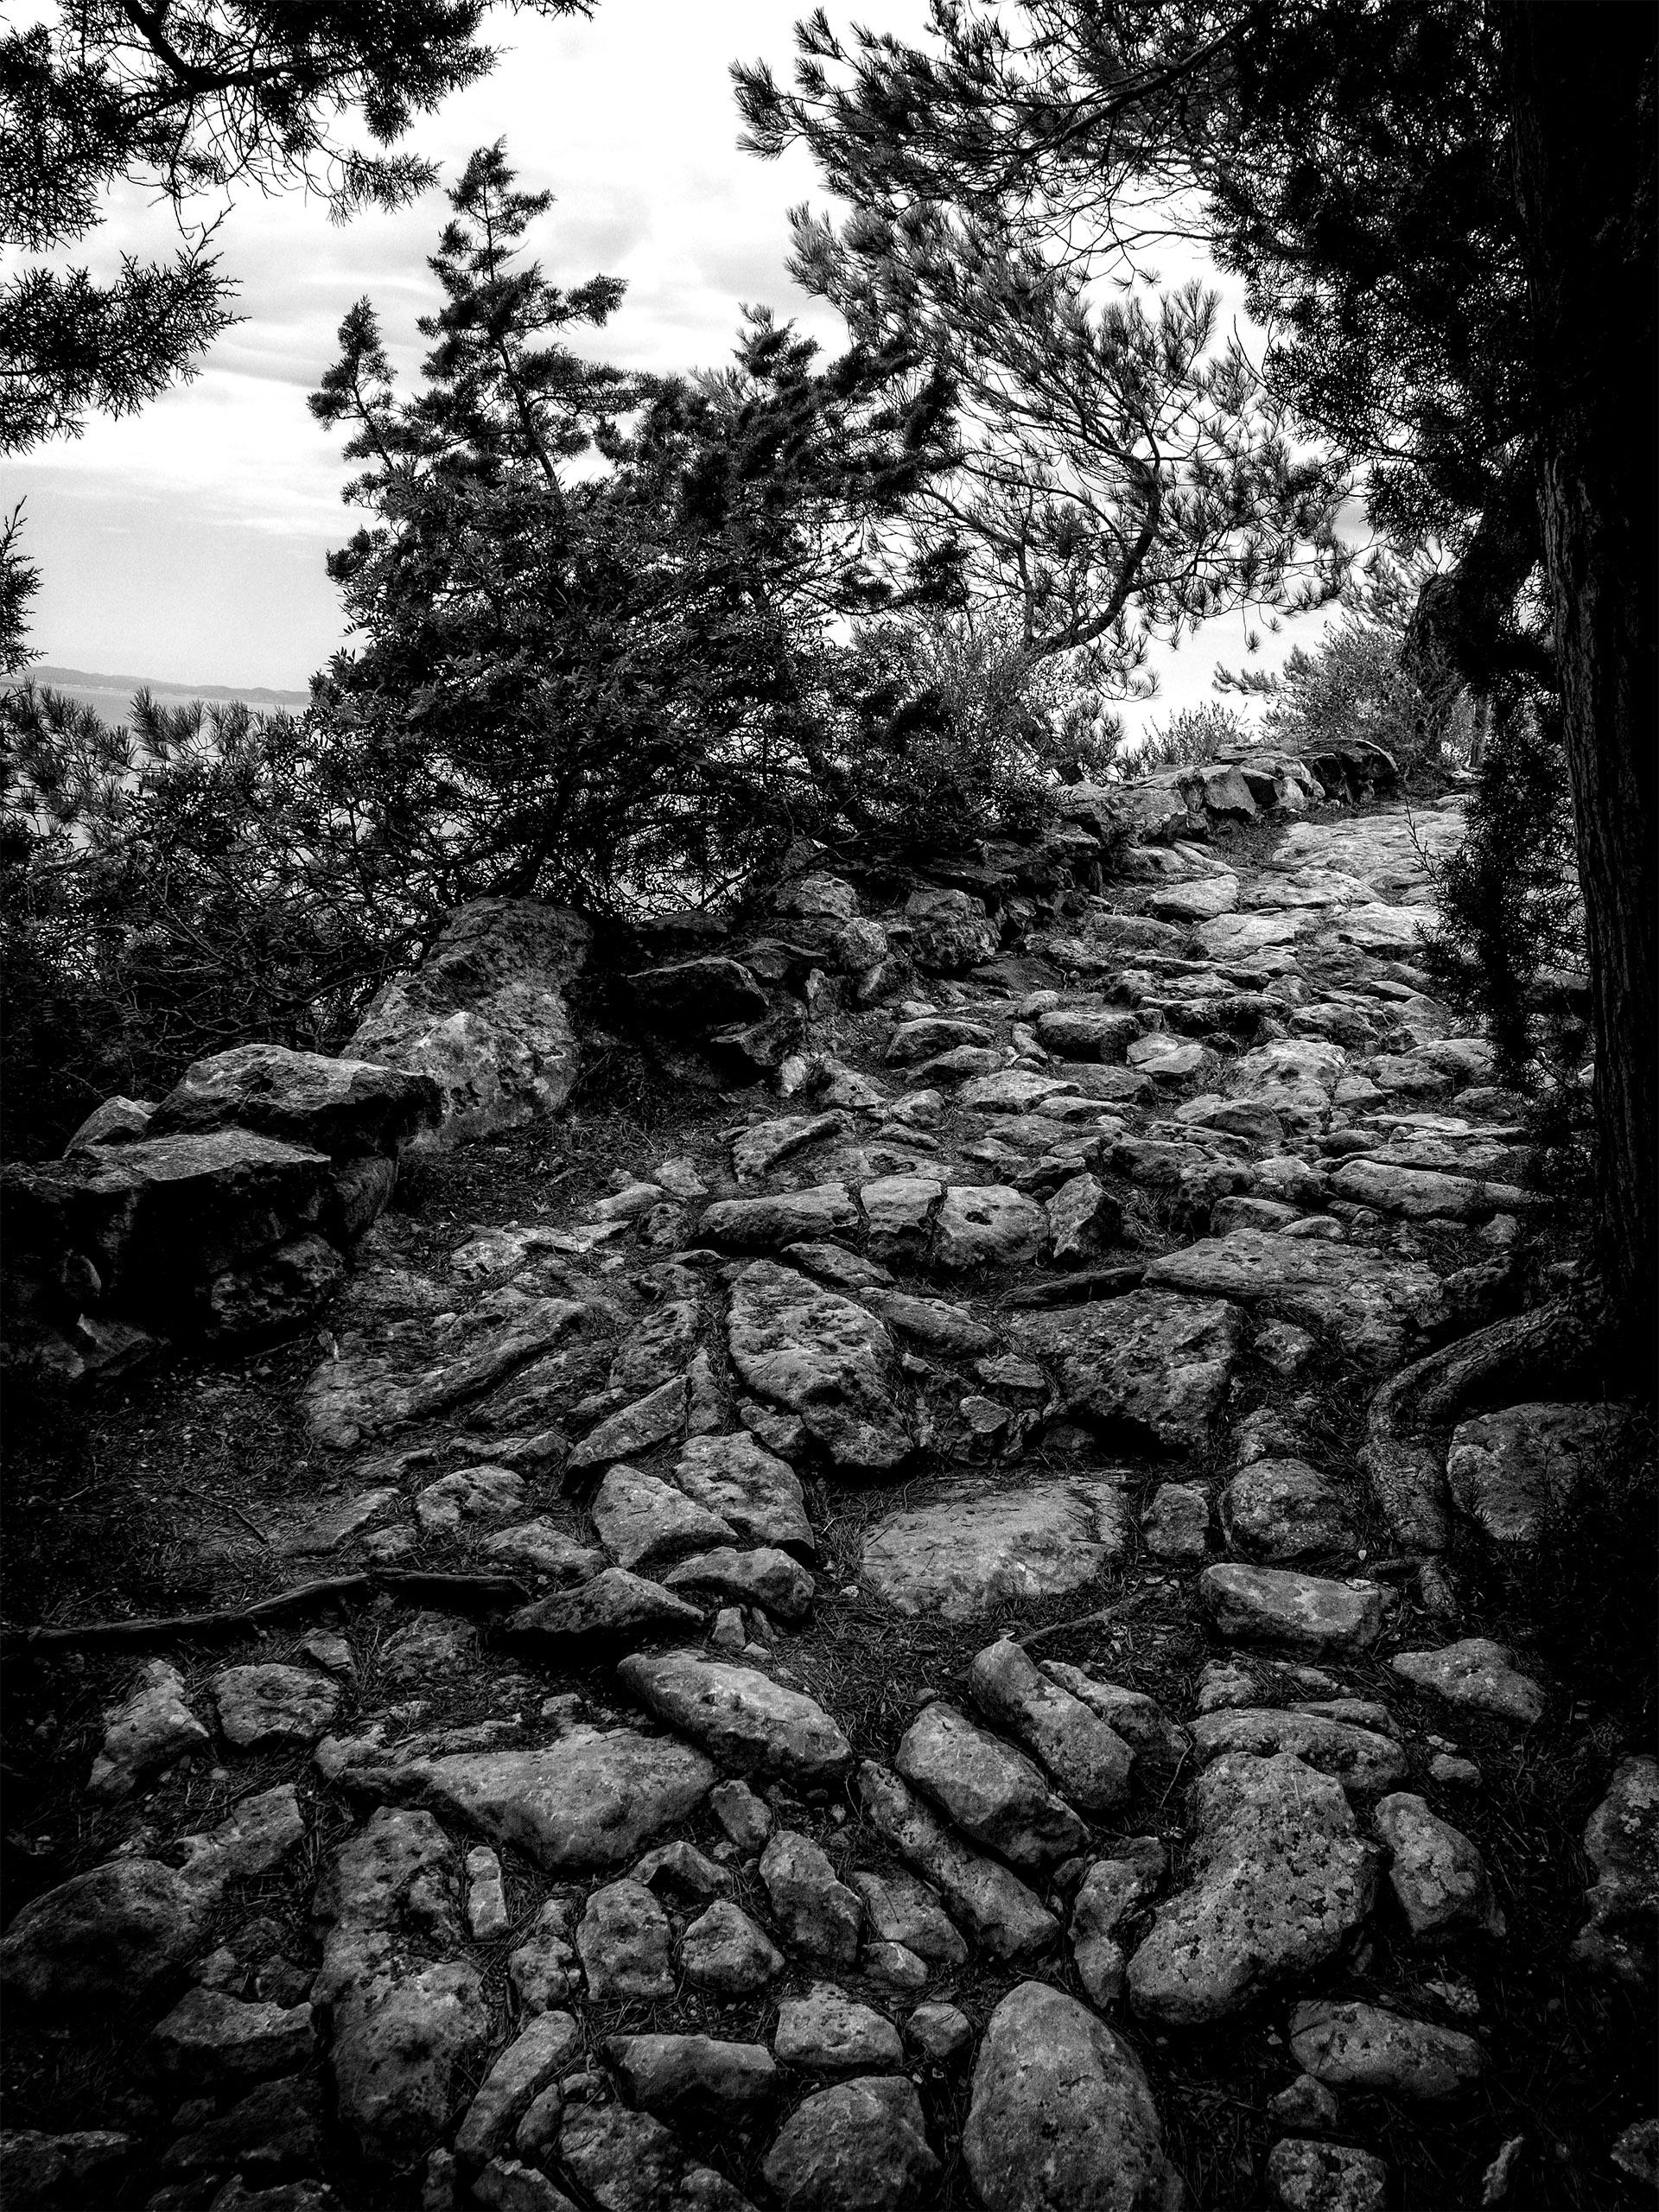 the Roman path